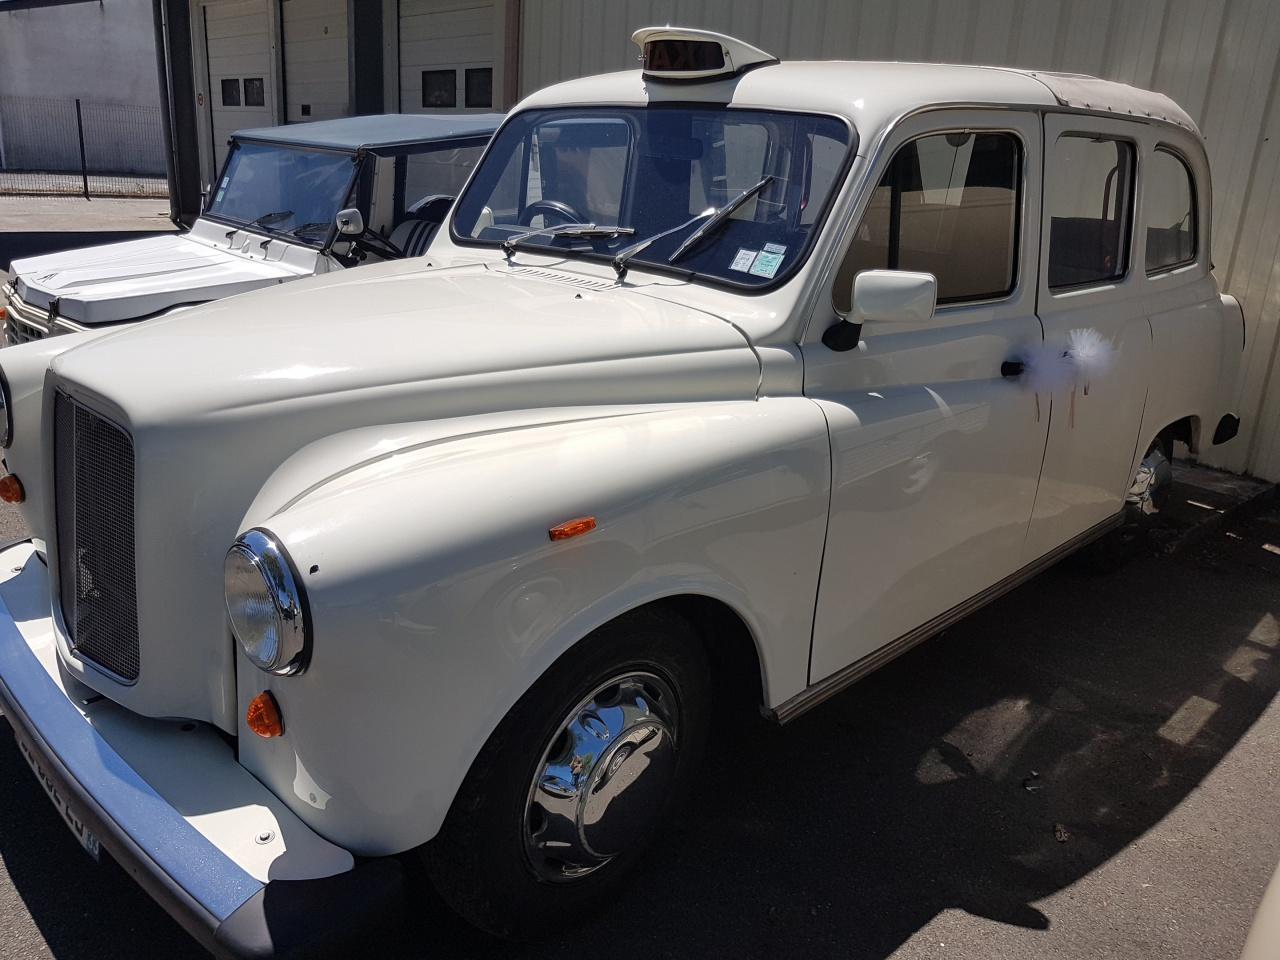 taxi anglais en guise de voiture de mariage location voiture mariage bassin arcachon galerie. Black Bedroom Furniture Sets. Home Design Ideas